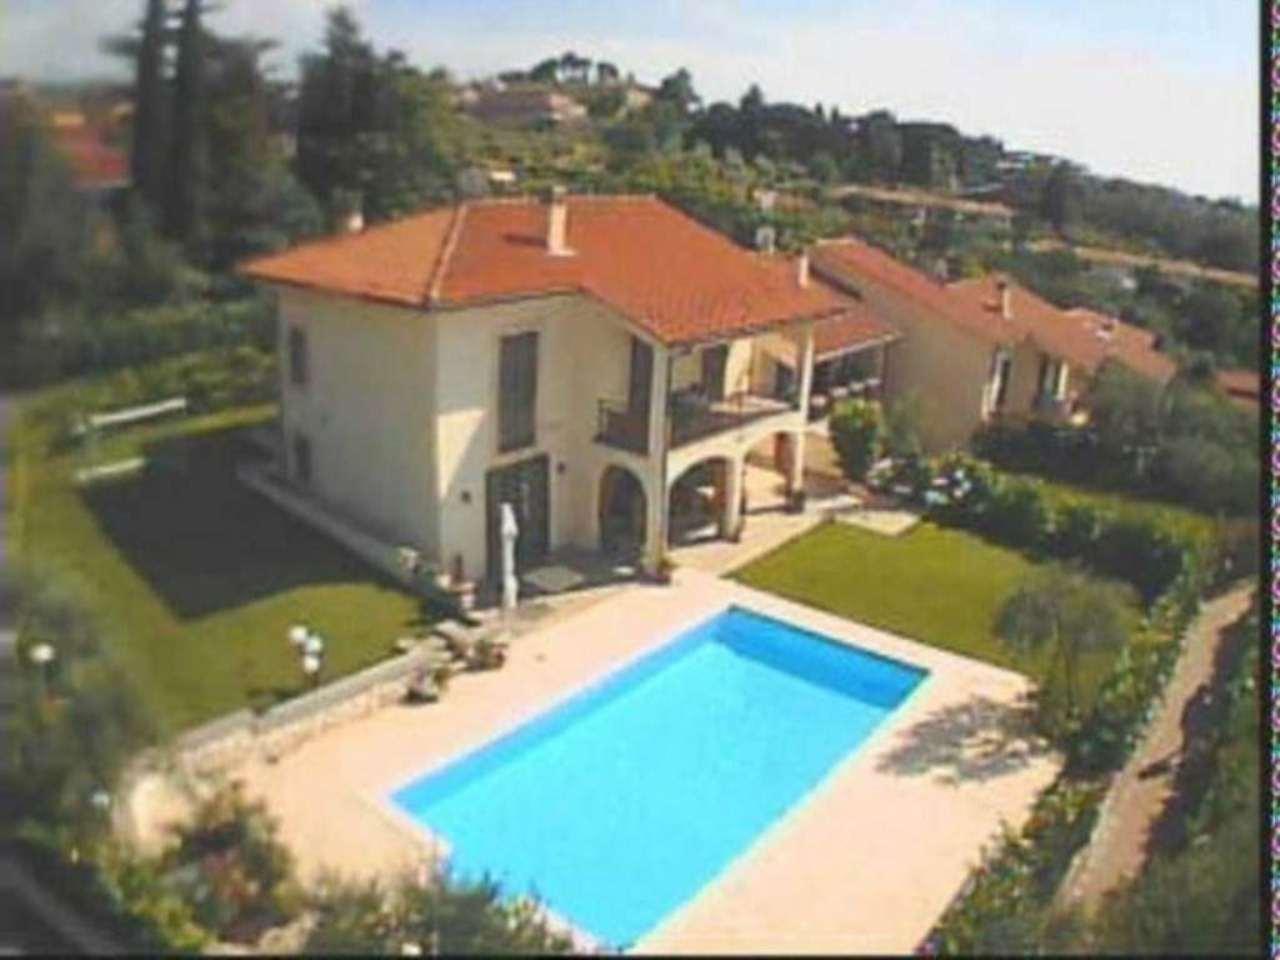 Itaco re srl a roma casa for Case in vendita castelli romani